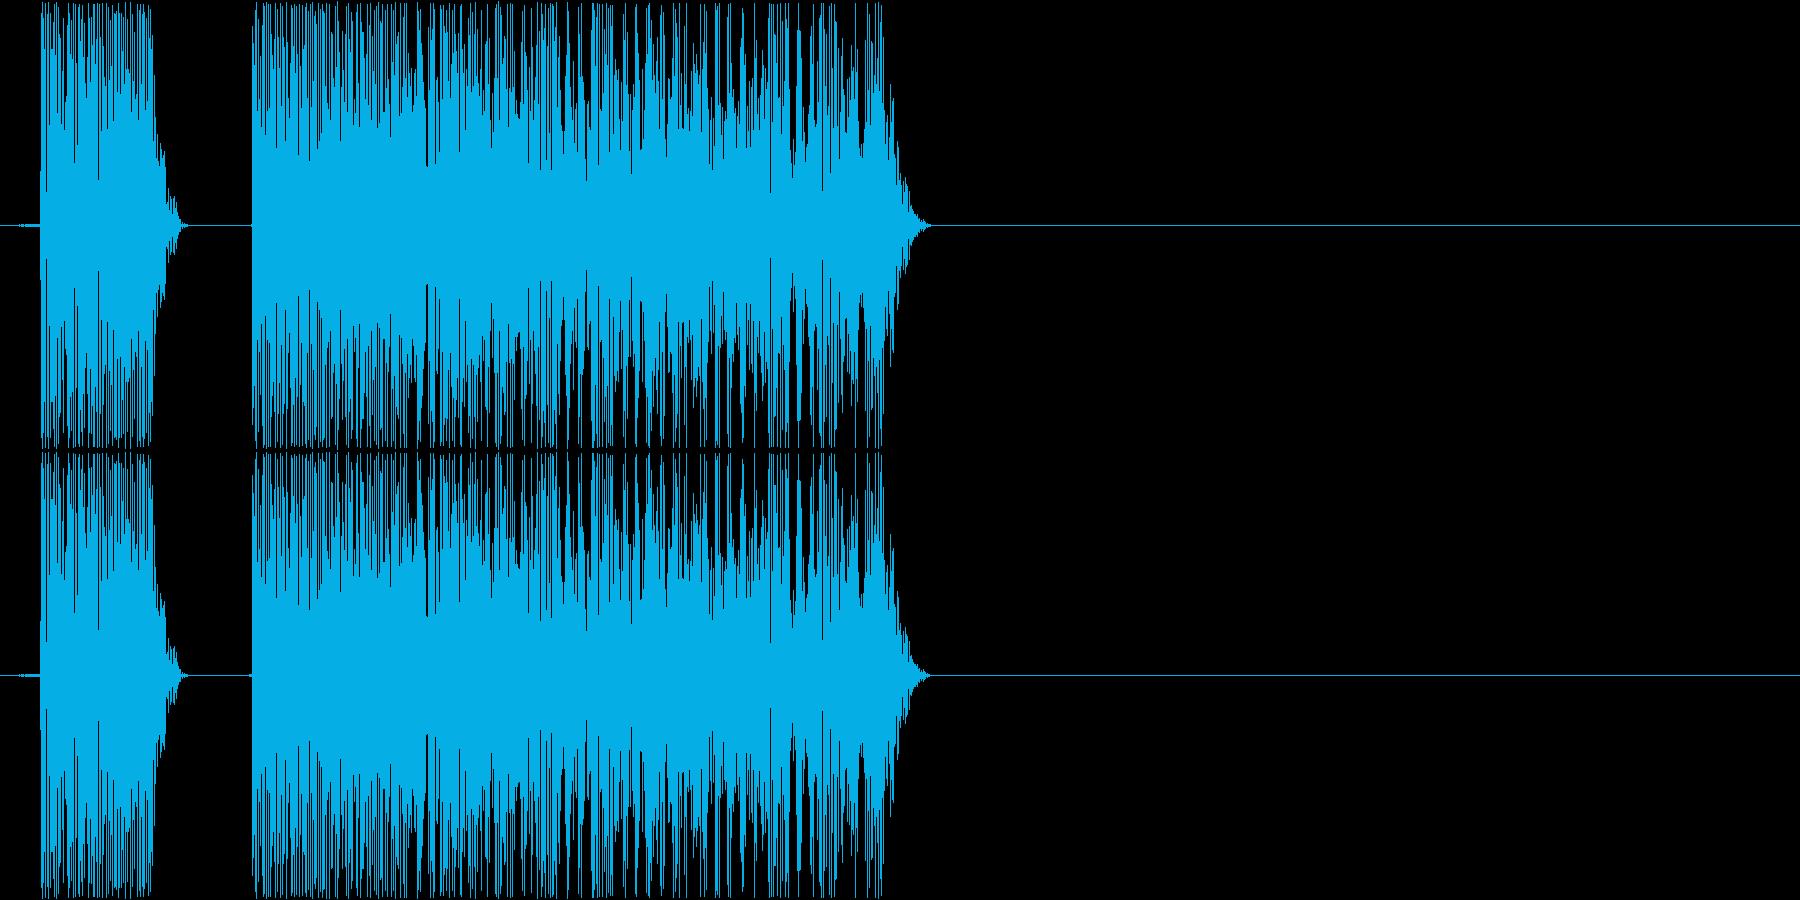 ブブー(PCやロボットのエラー、低い音)の再生済みの波形